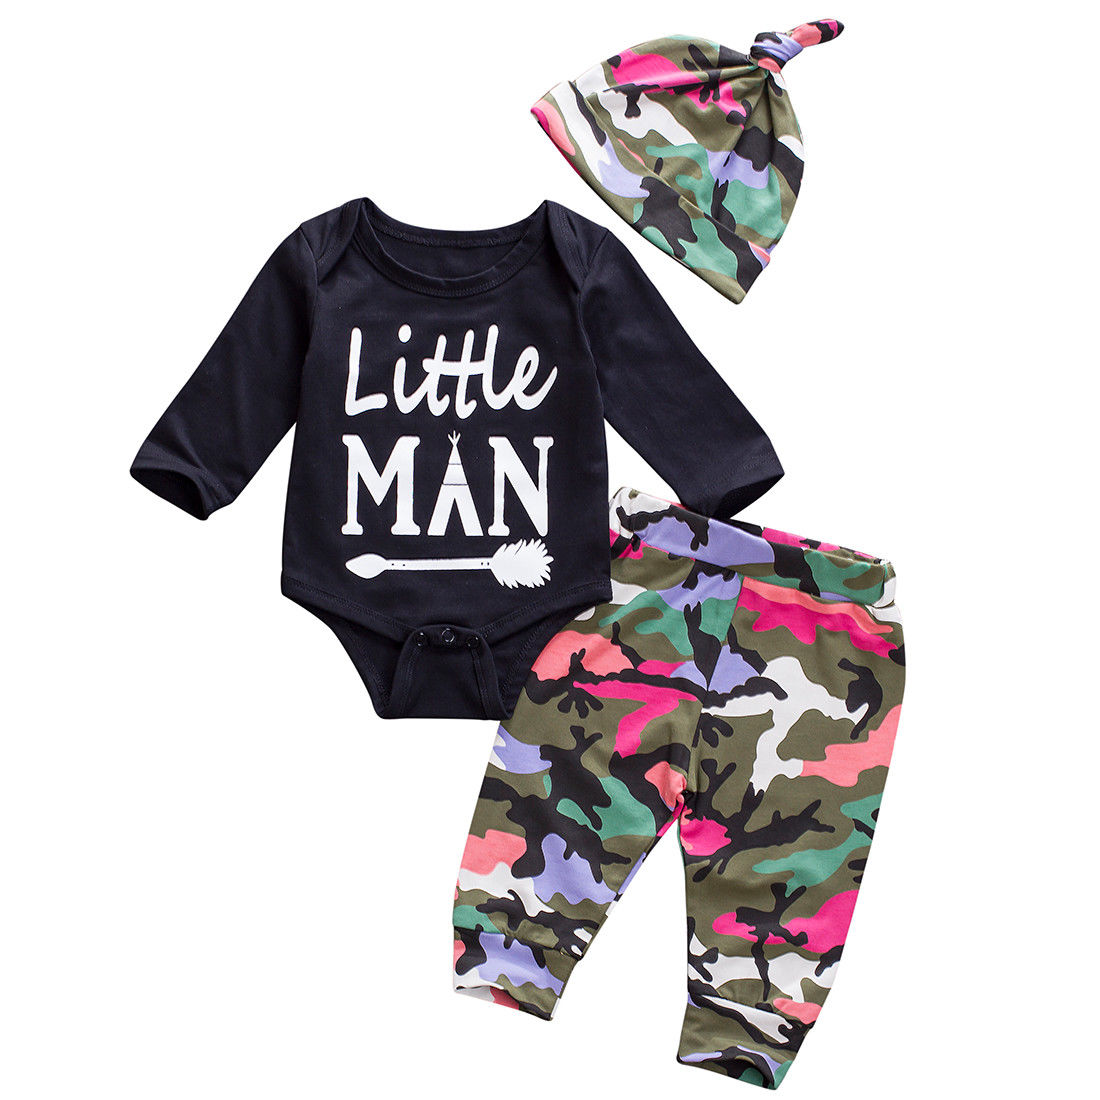 Армейский зеленый для маленьких мальчиков Лил человек комплект одежды новорожденных Топы корректирующие комбинезон камуфляж Брюки для де...